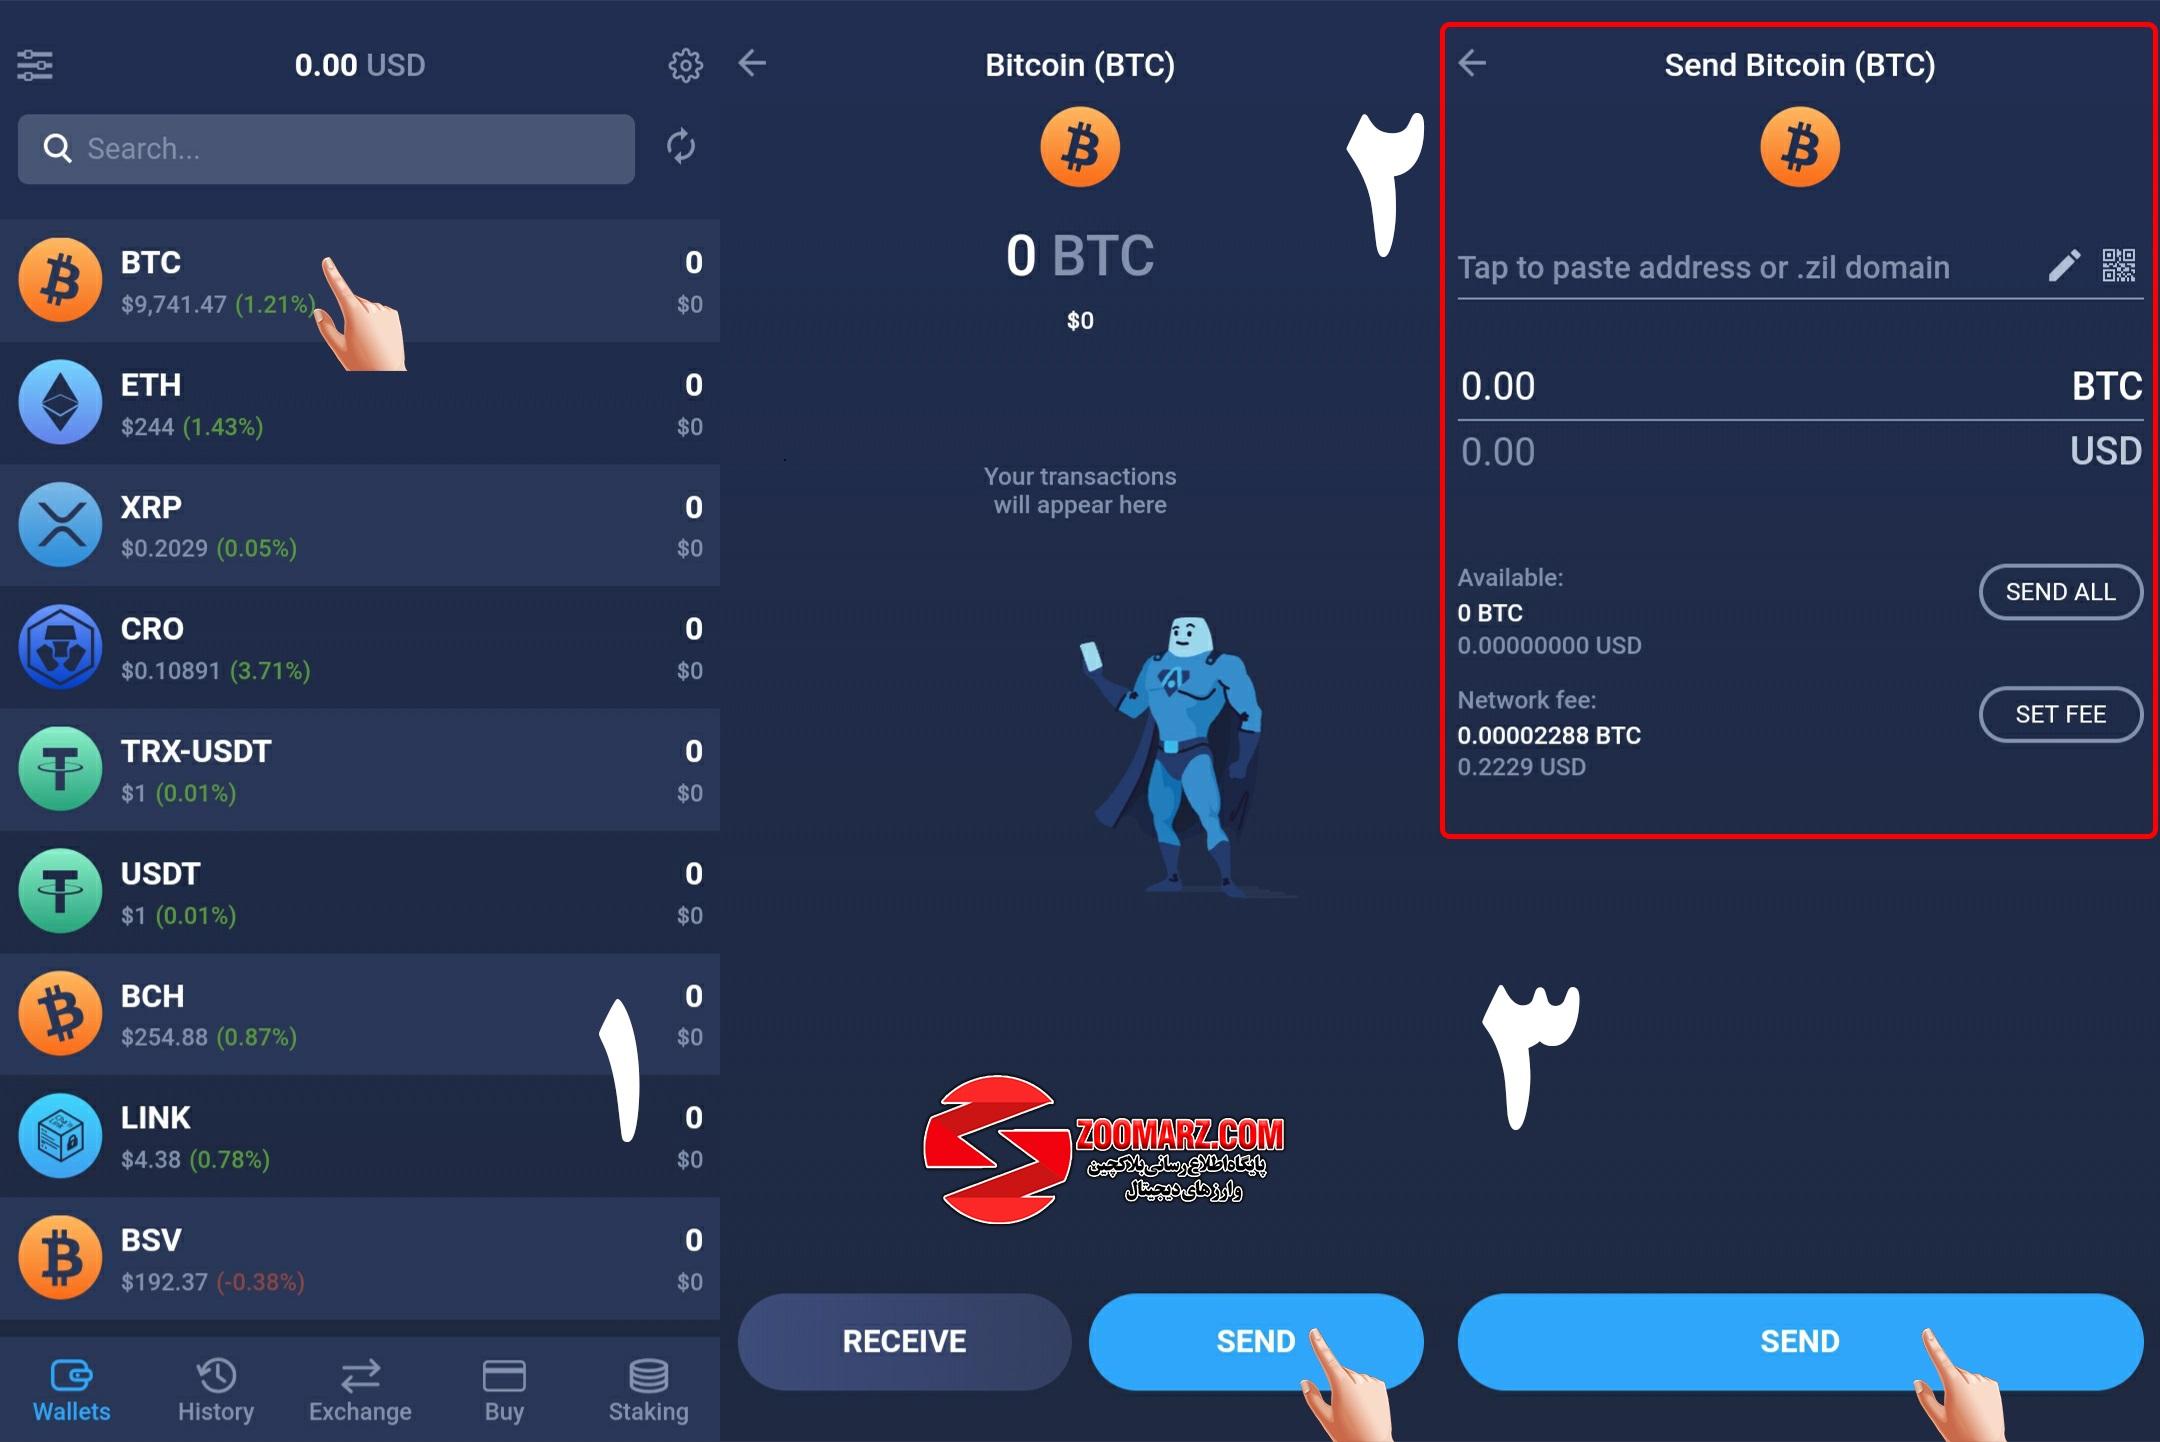 آموزش ارسال کوین در کیف پول اتمیک نسخه اندروید